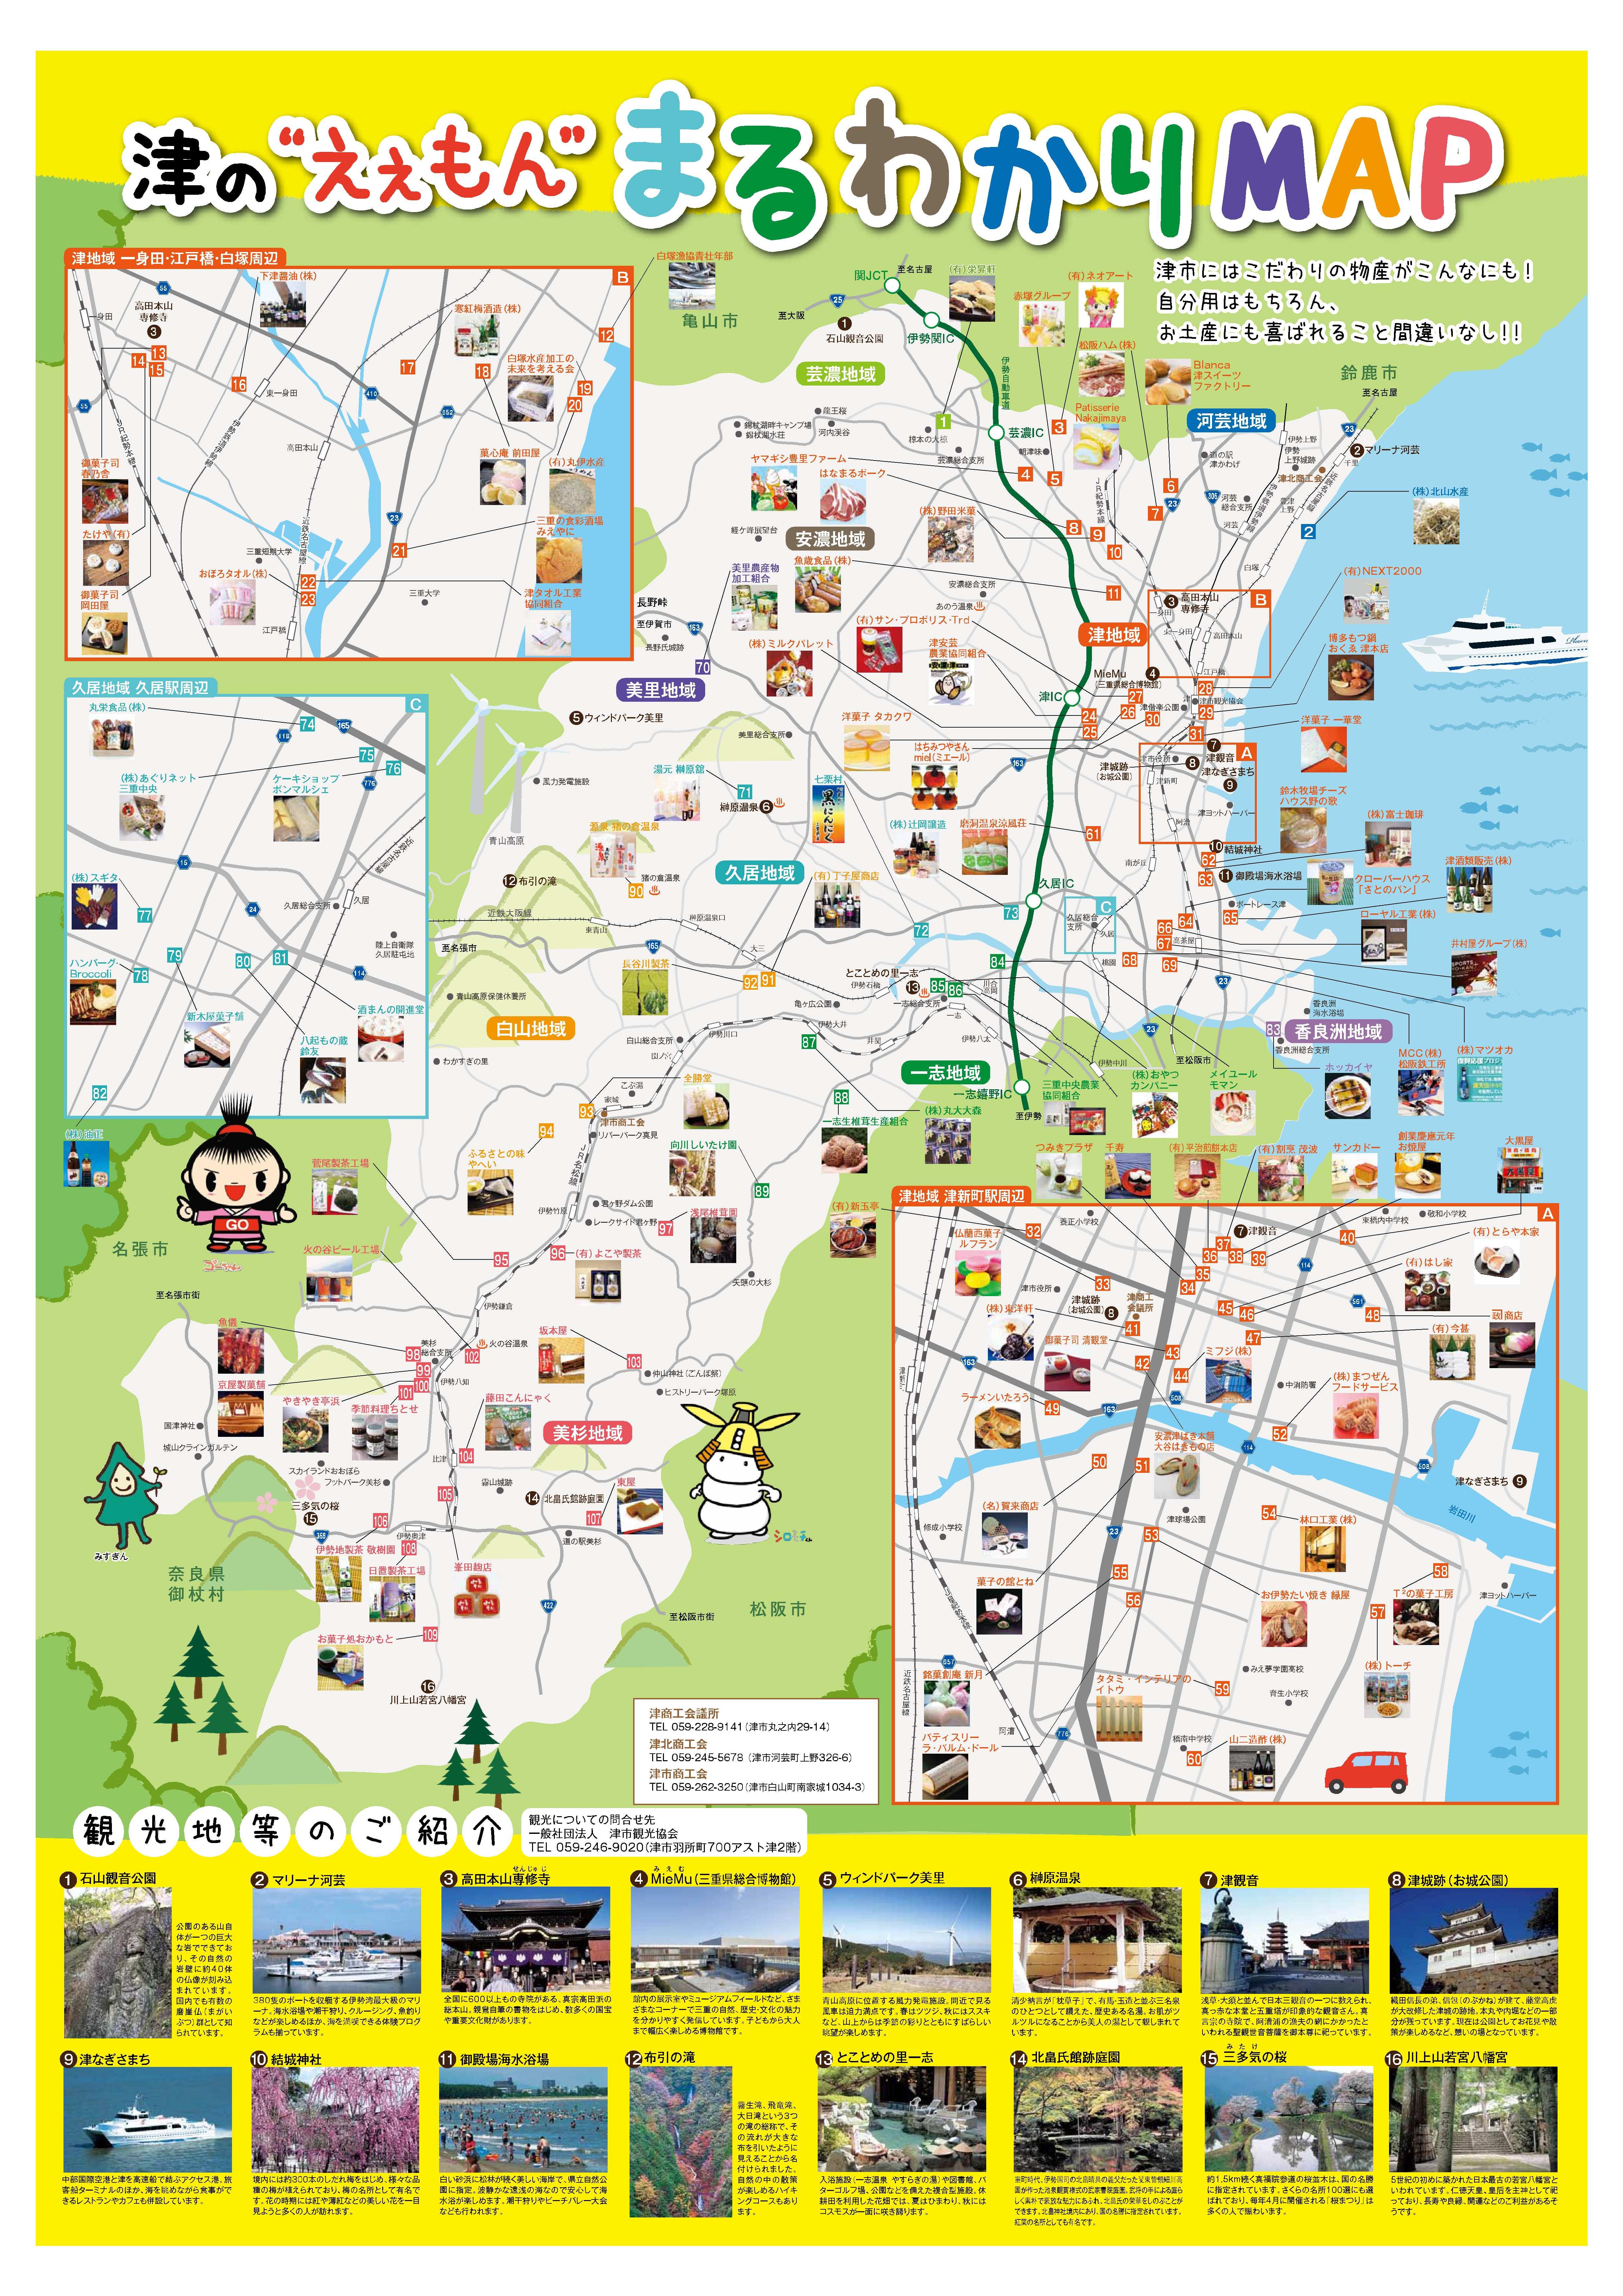 津市物産振興会パンフレット(地図面)